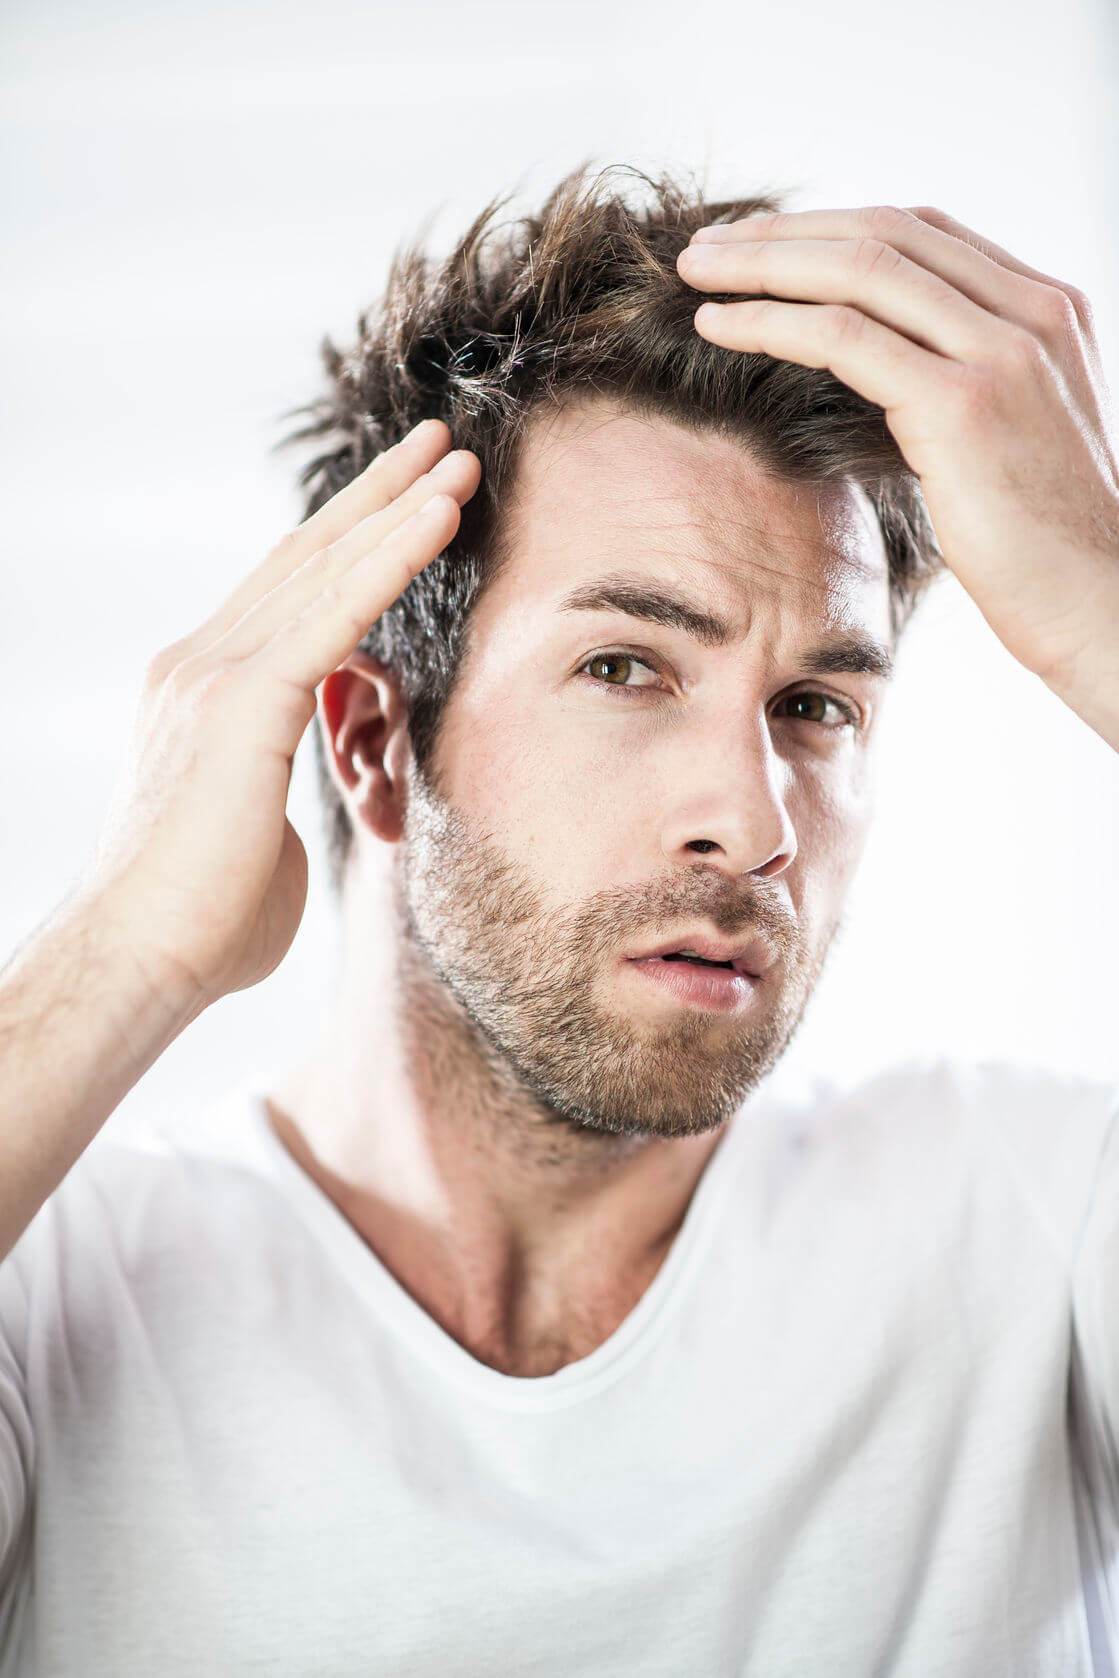 Haarausfall vermehrt sich bei Männern die Rauchen.